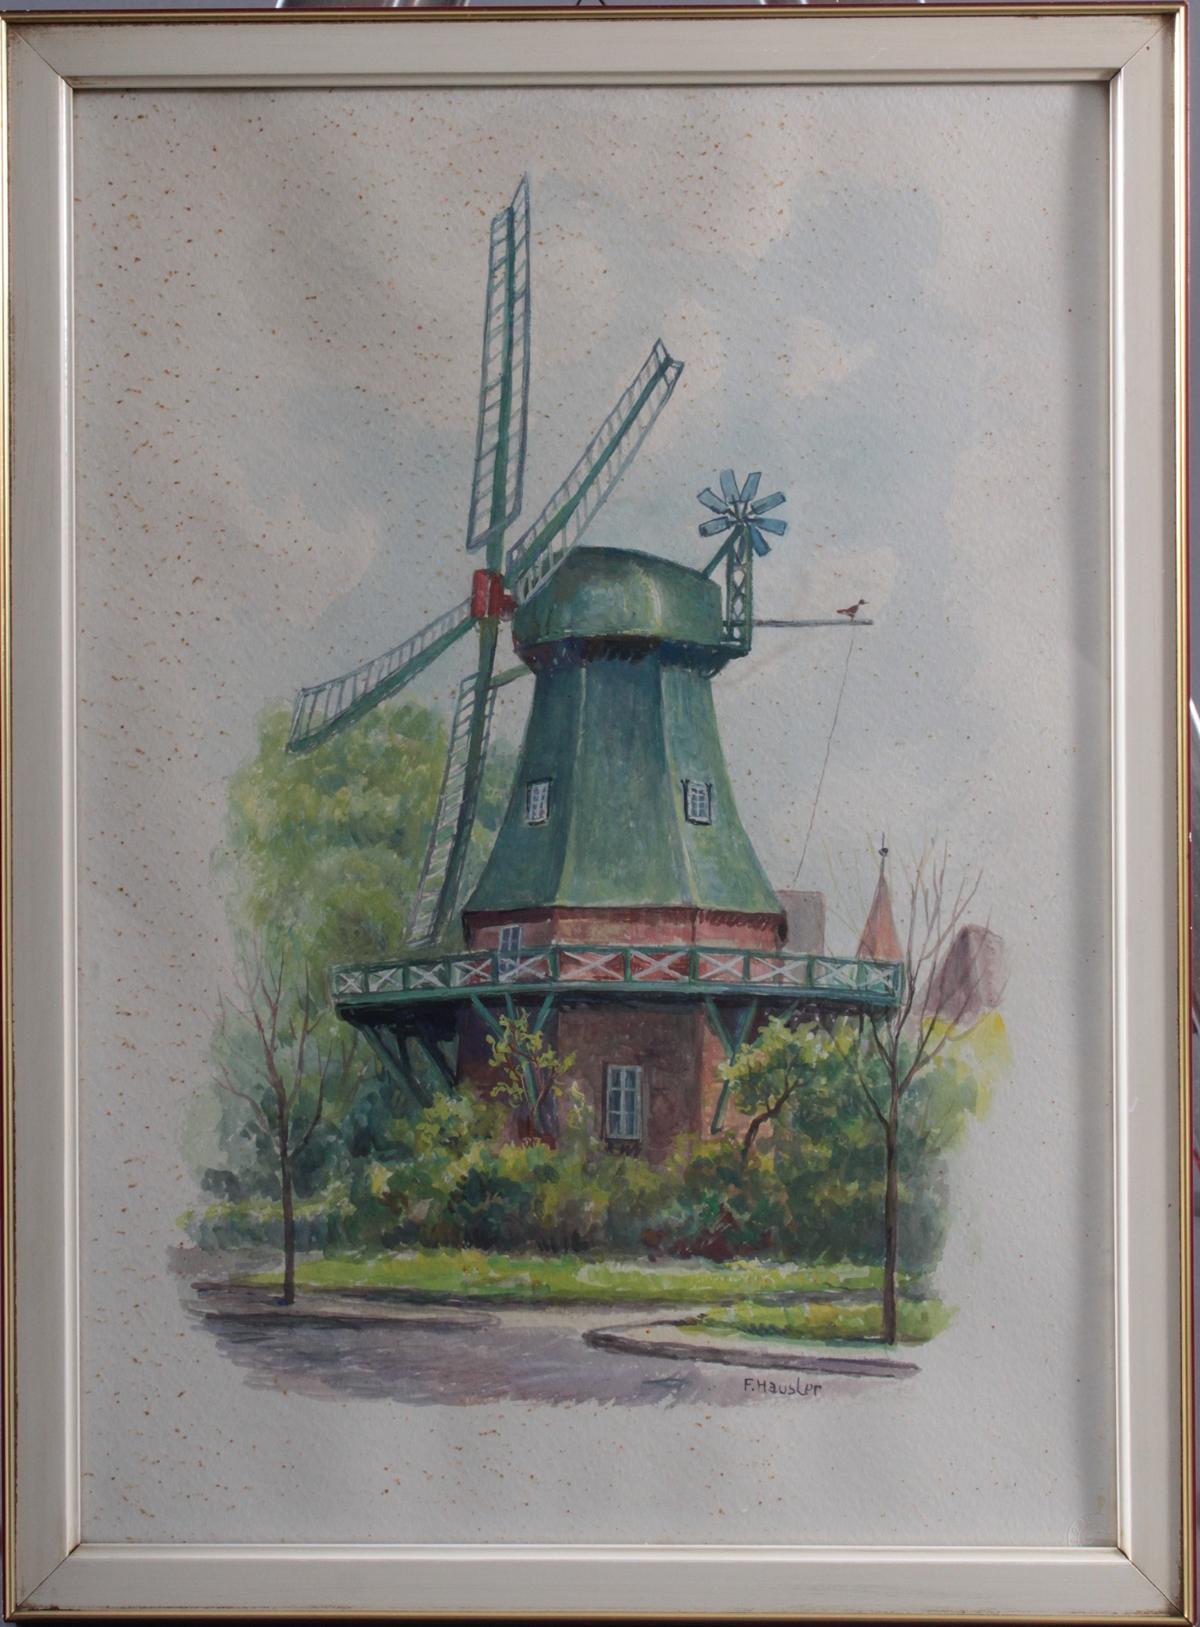 Franz Hausler (1846-1904), 'Windmühle'